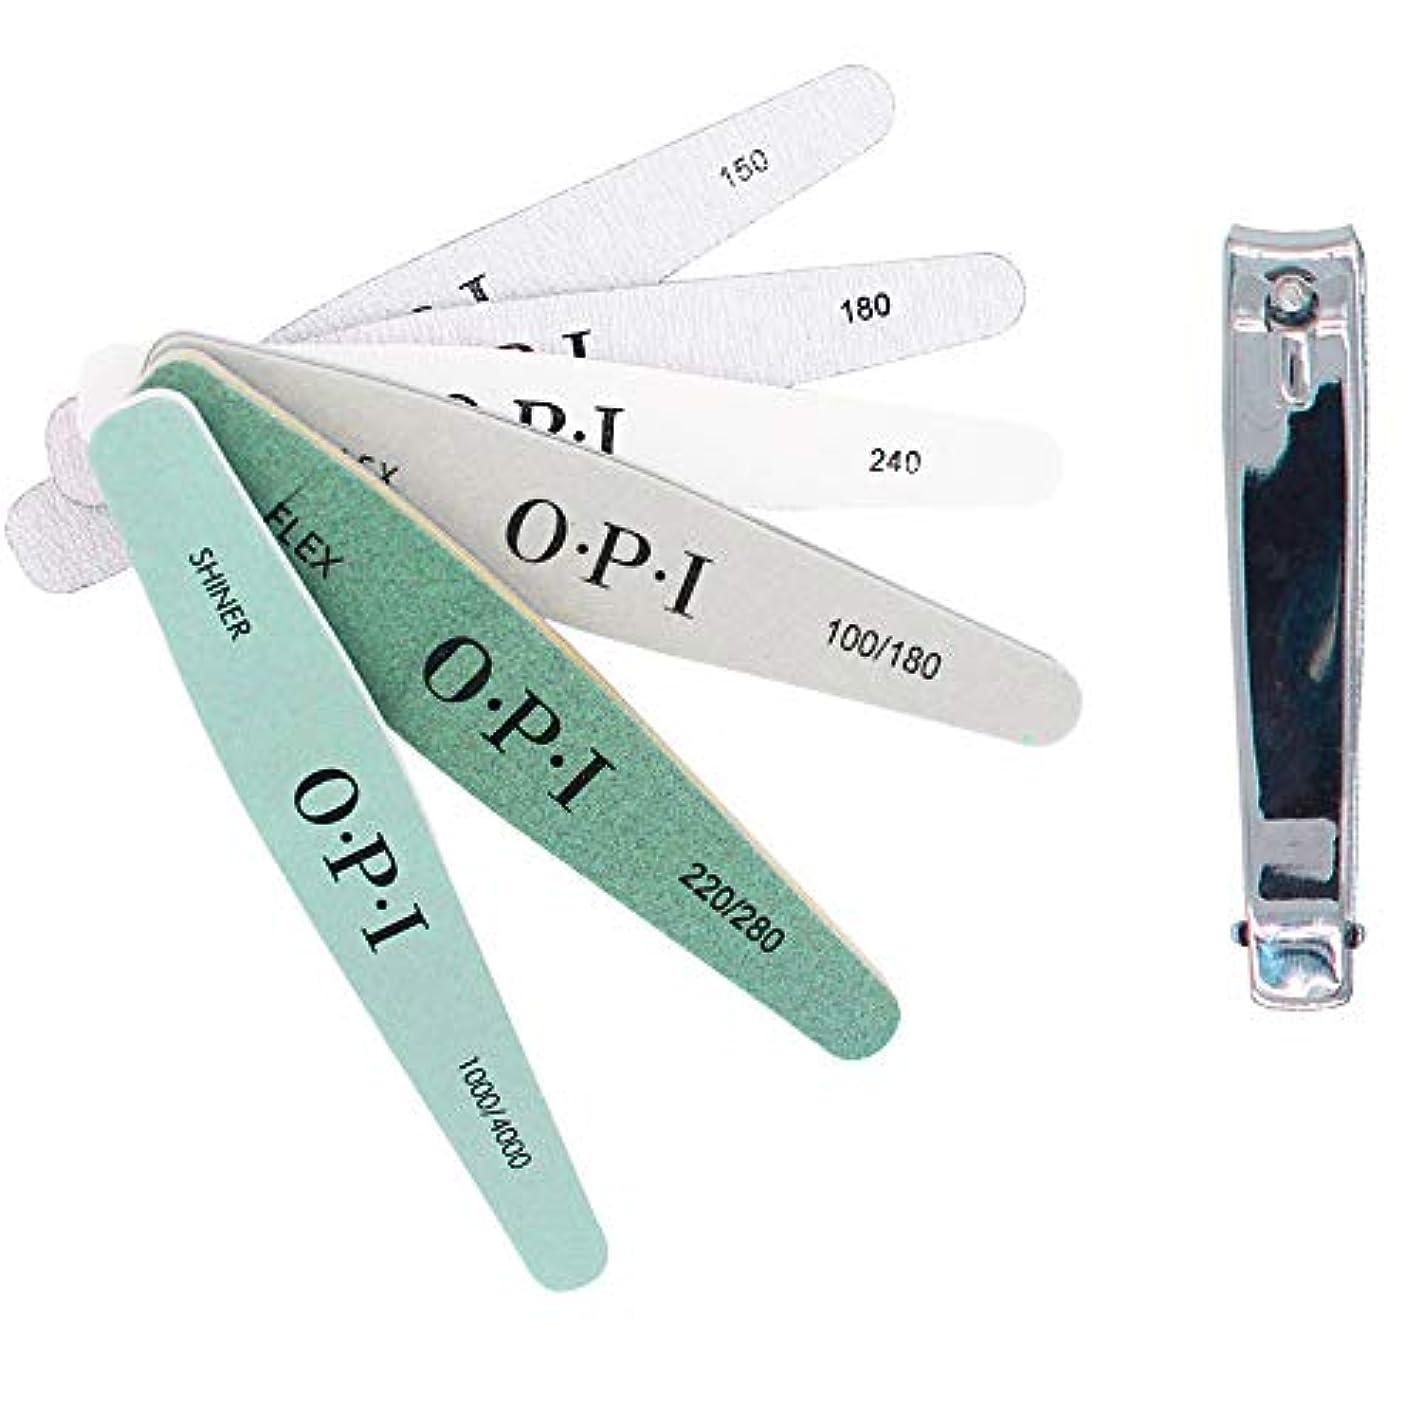 少なくとも司令官配送KINYOOOスポンジファイル、爪やすり、ネイルをつやつやに、のネイルツール、 150/180/200/240/280/1000/4000と(1 PCSメタルネイルはさみ)、ネイルケア用化粧マニキュアペディキュアセット。